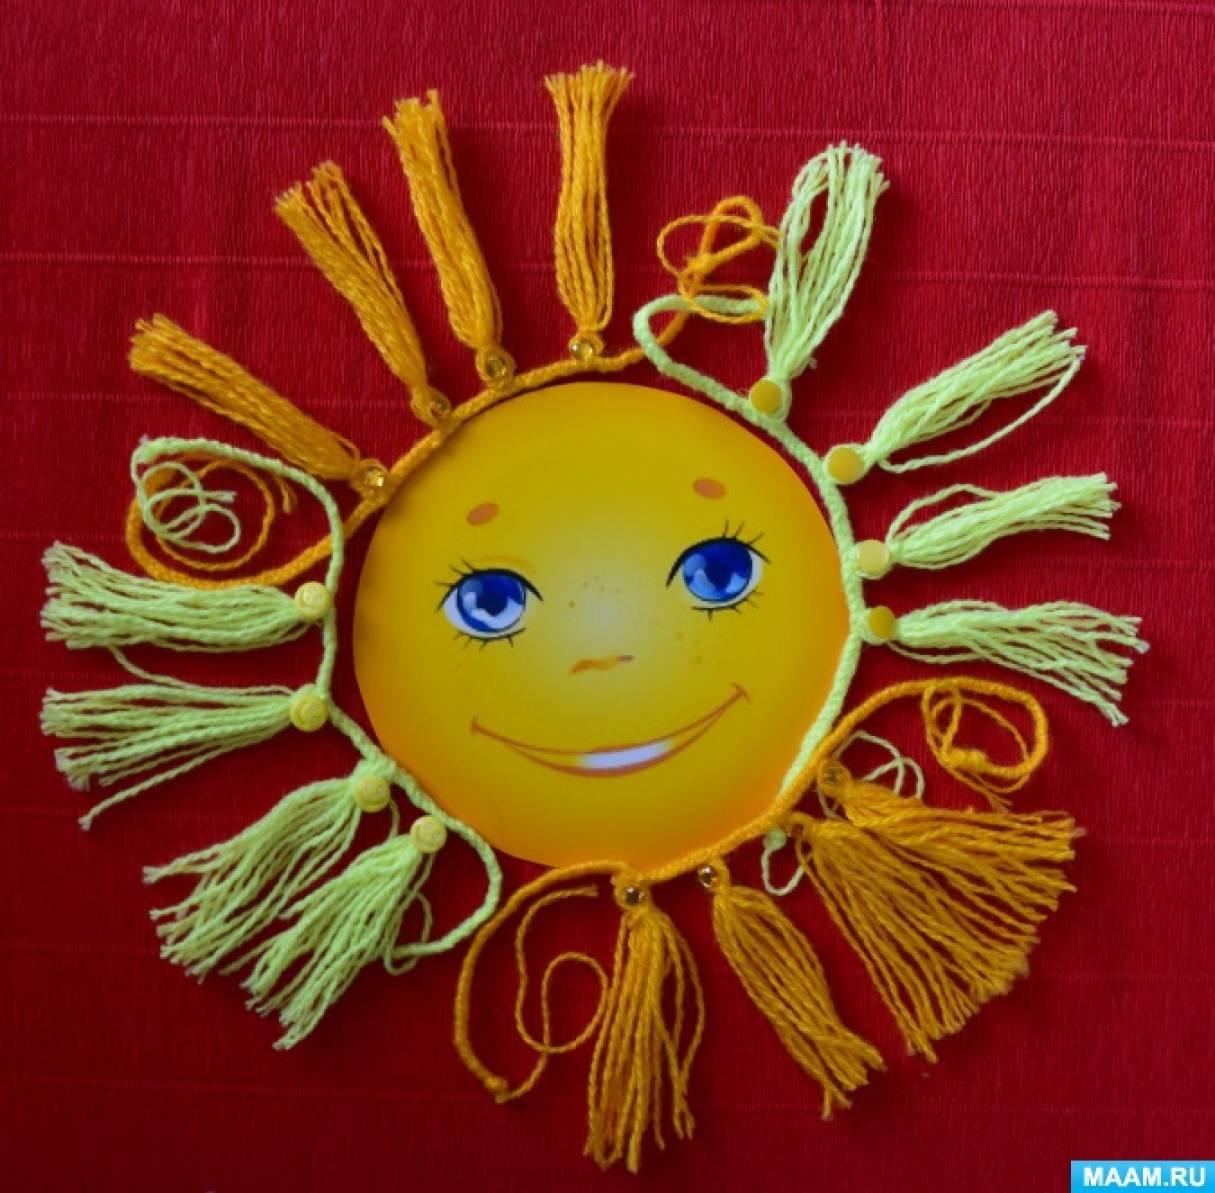 Колье для девочек «Лучики солнышка» ко Дню солнца. Мастер-класс